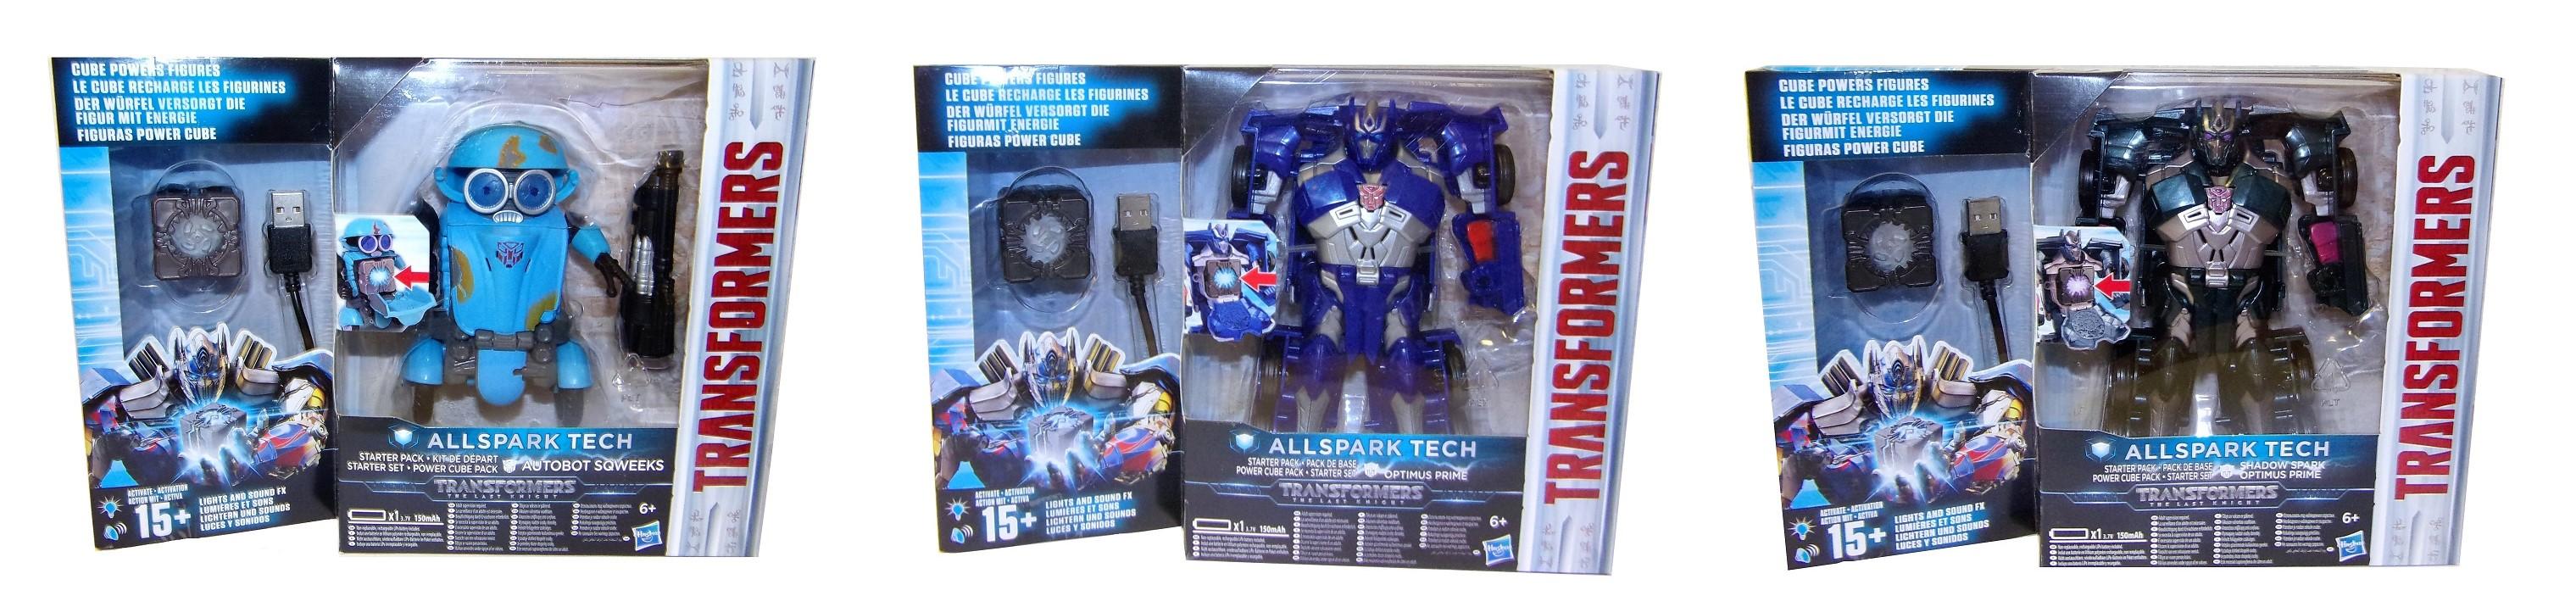 Hasbro Transformers verschiedene Starter Pack Allspark Tech (Auswahl)